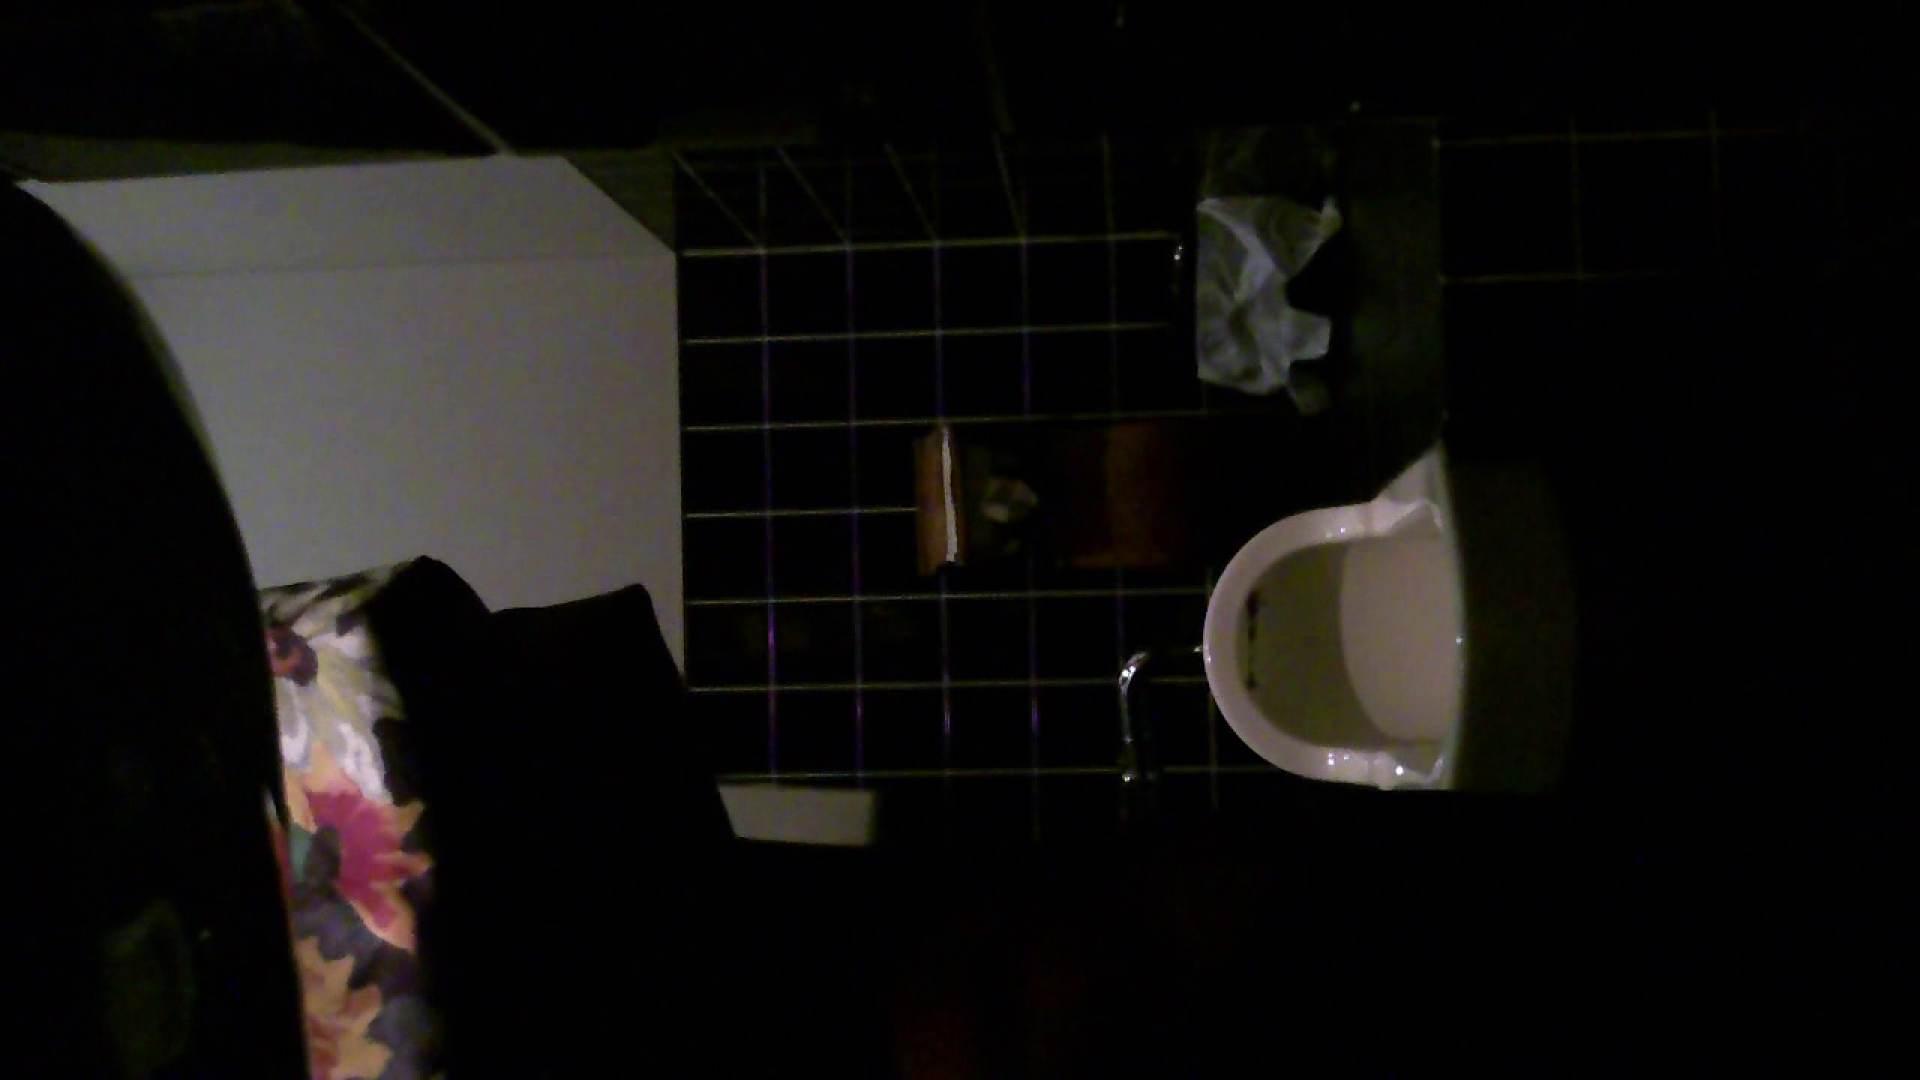 美女の集まる飲み屋洗面所 vol.04 美女のヌード おまんこ無修正動画無料 76画像 66